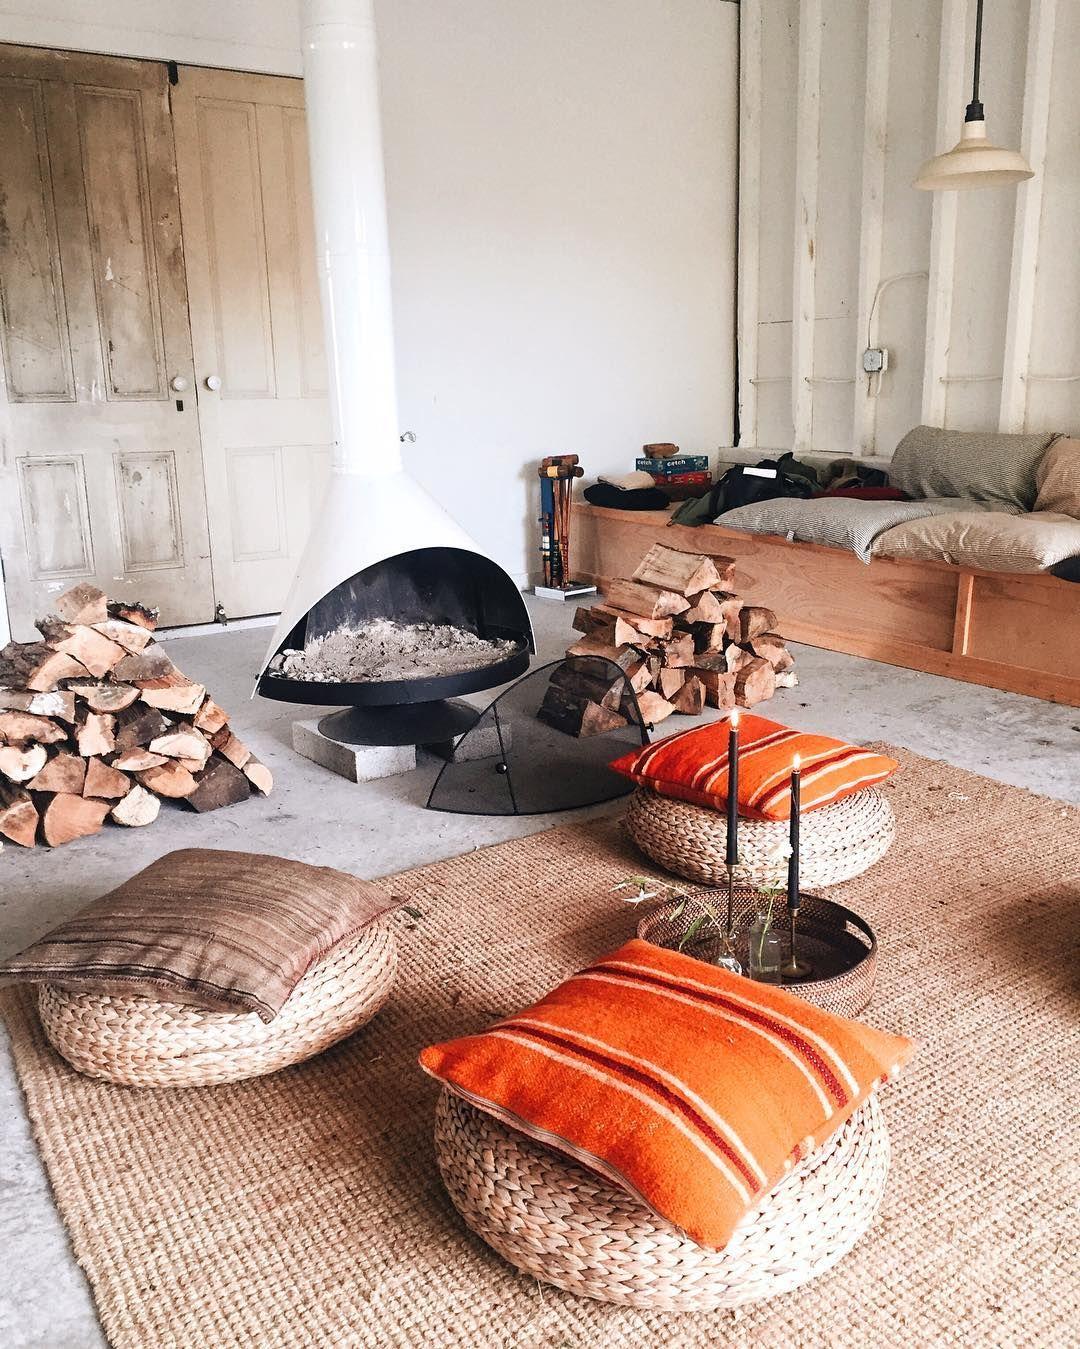 tapis outdoor en osier poufs en rotin et coussins orange dans le salon avec chemin e d co. Black Bedroom Furniture Sets. Home Design Ideas